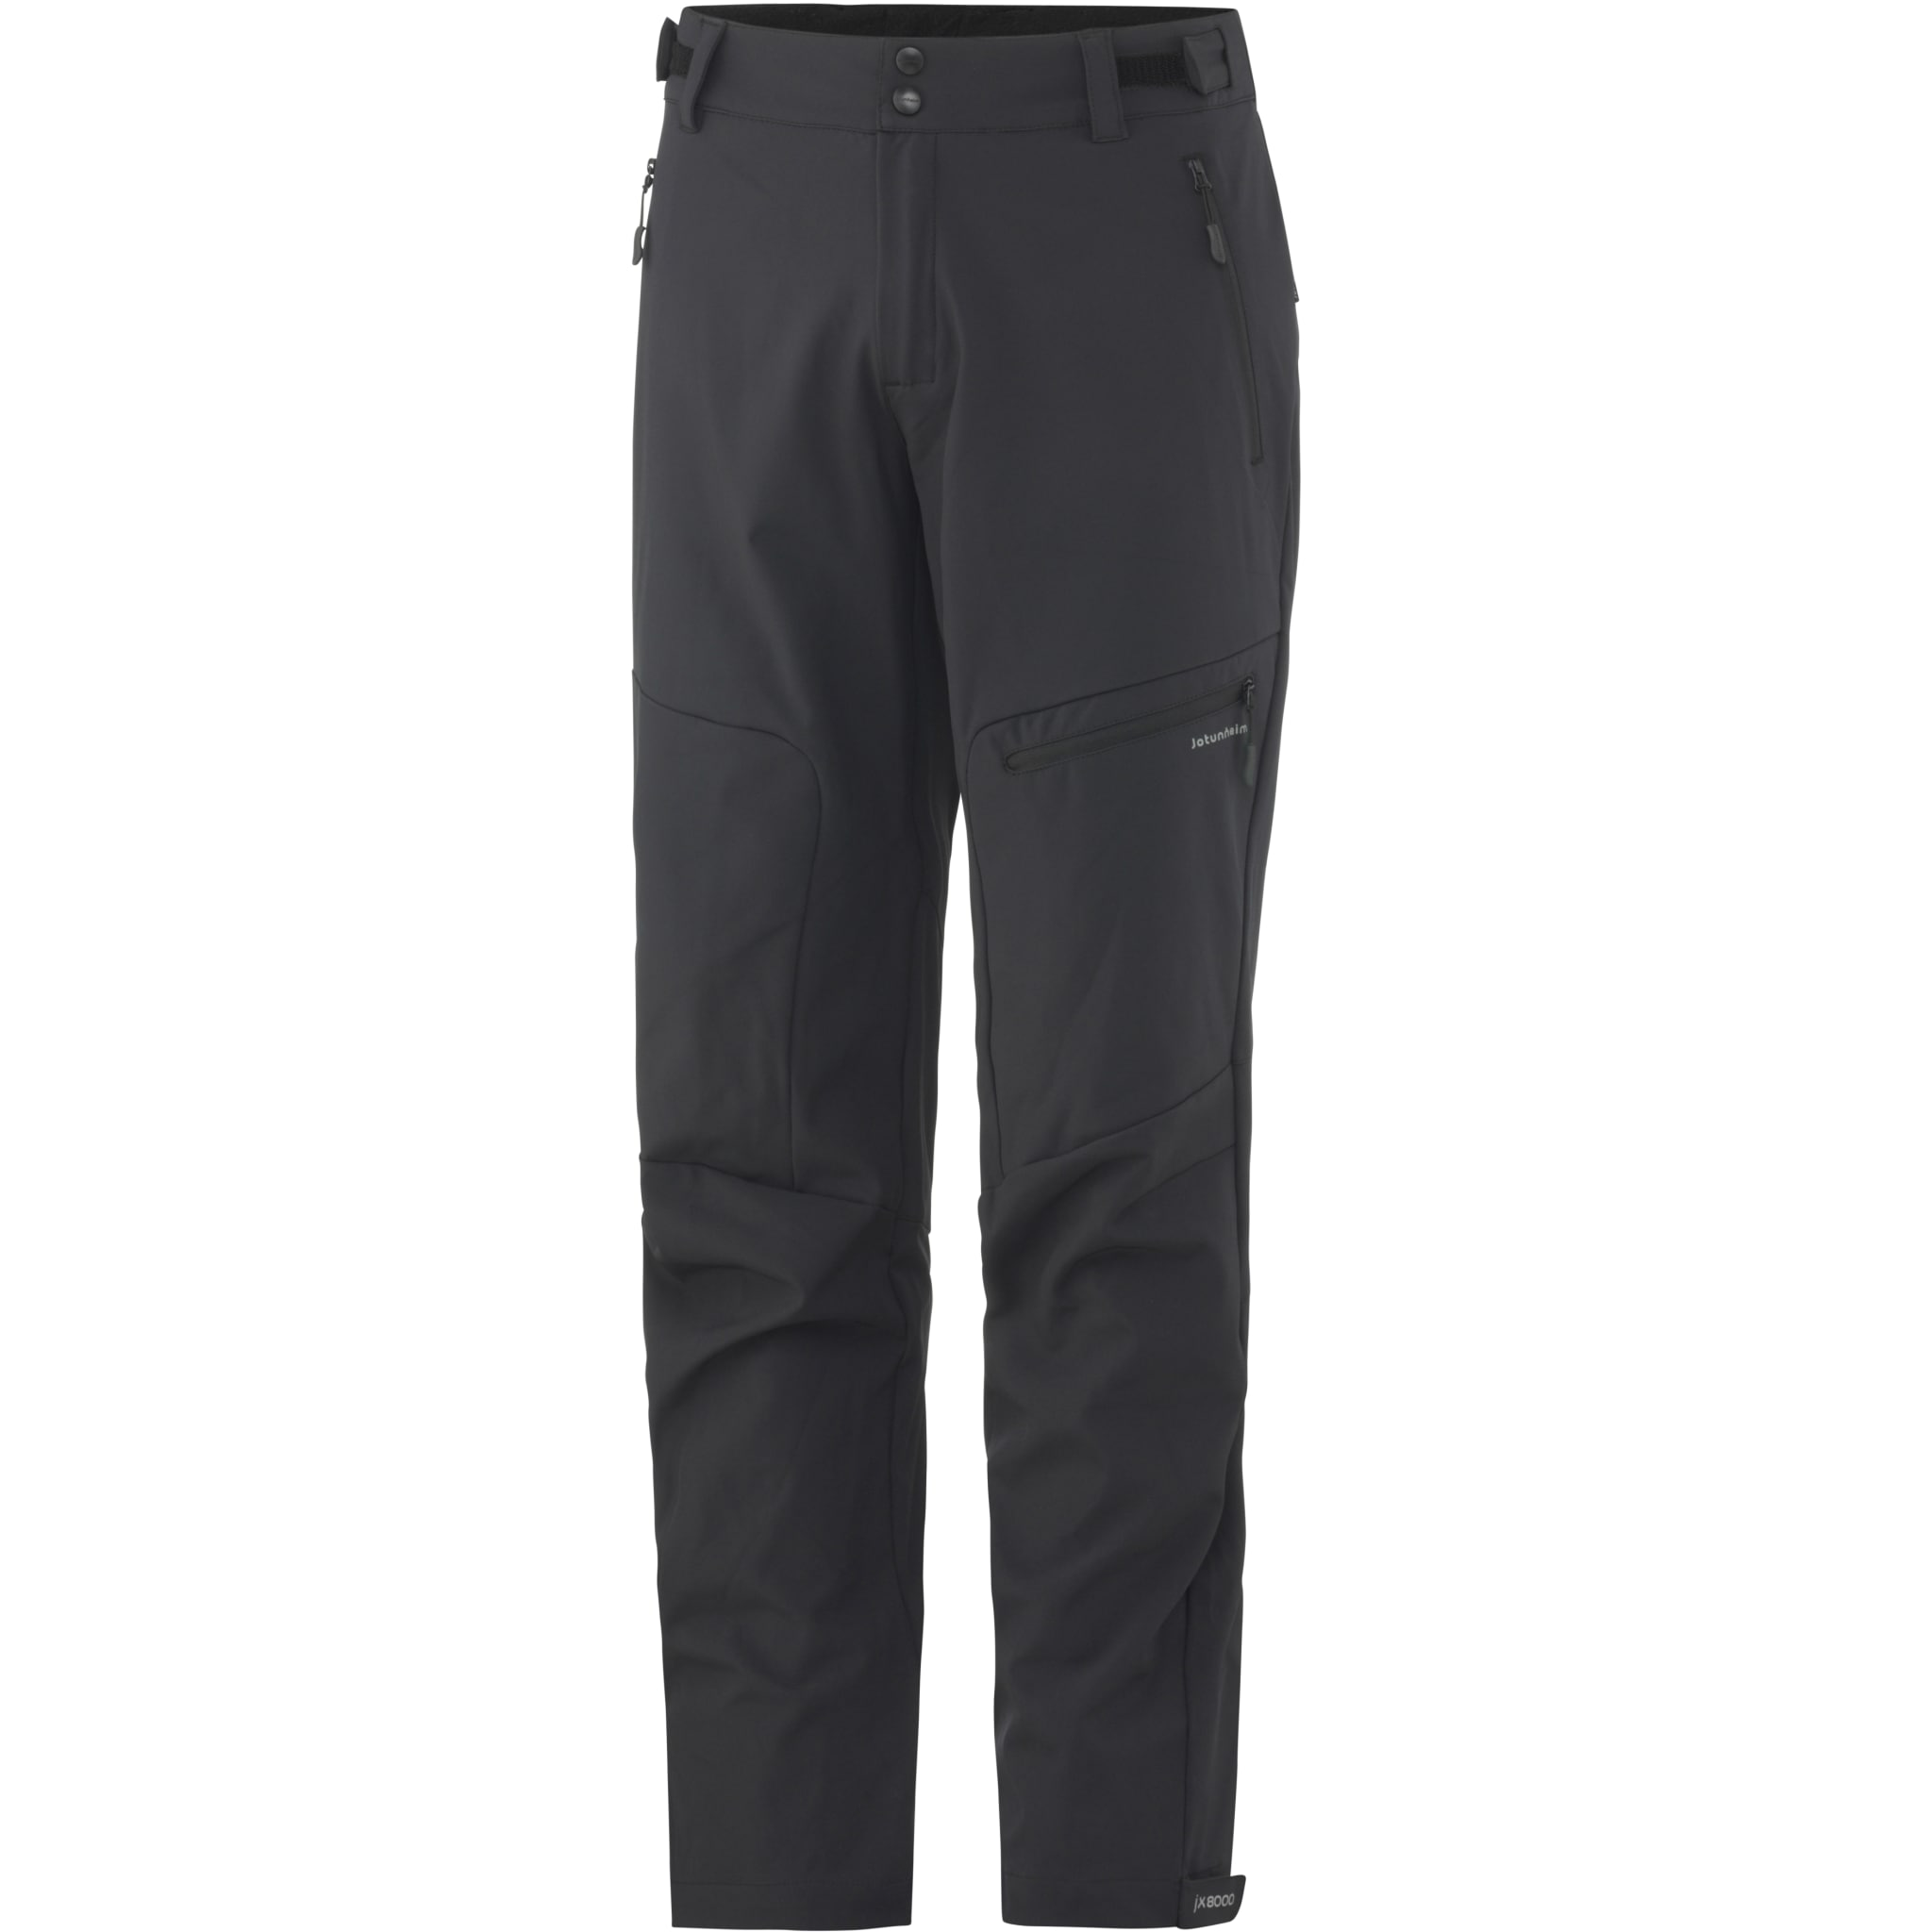 Lette, elastiske softshell-bukser til variert friluftsbruk